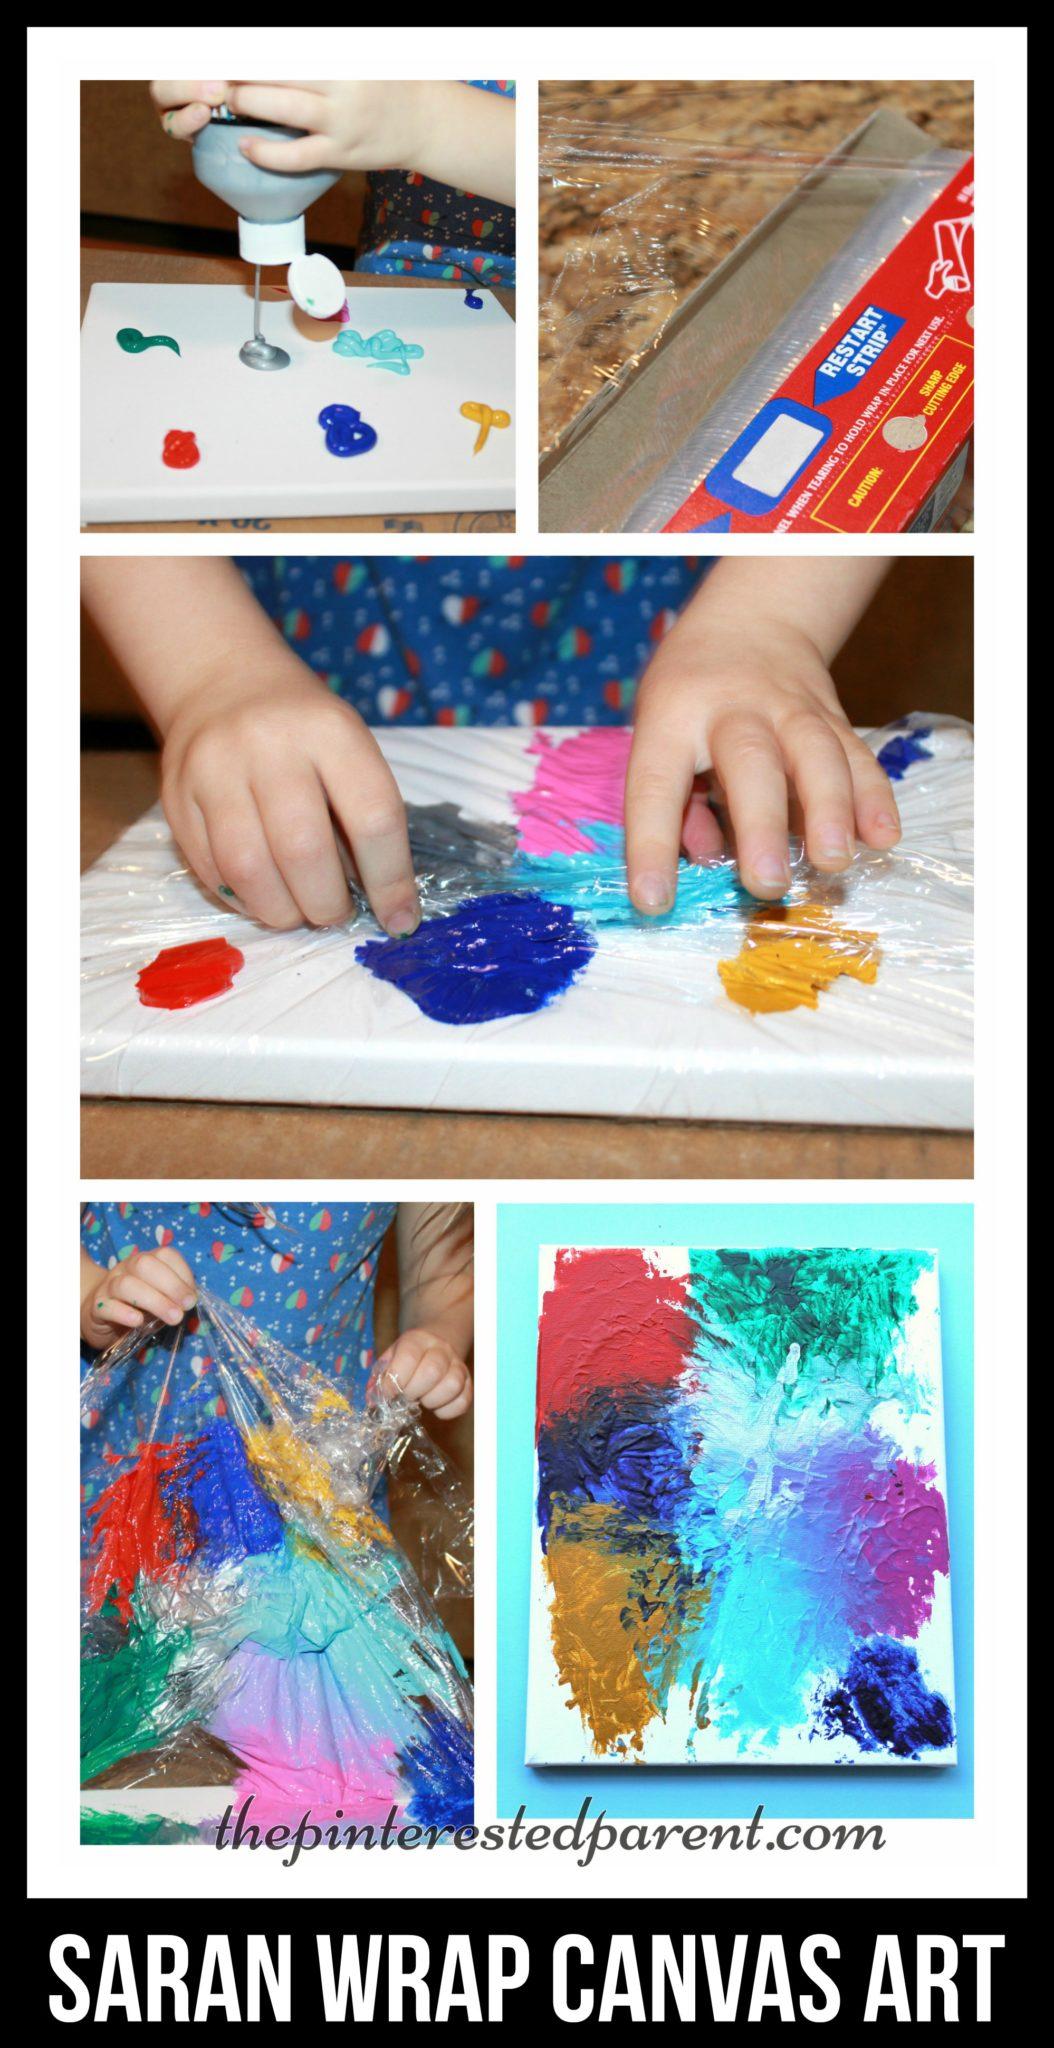 Saran Wrap Canvas Art The Pinterested Parent